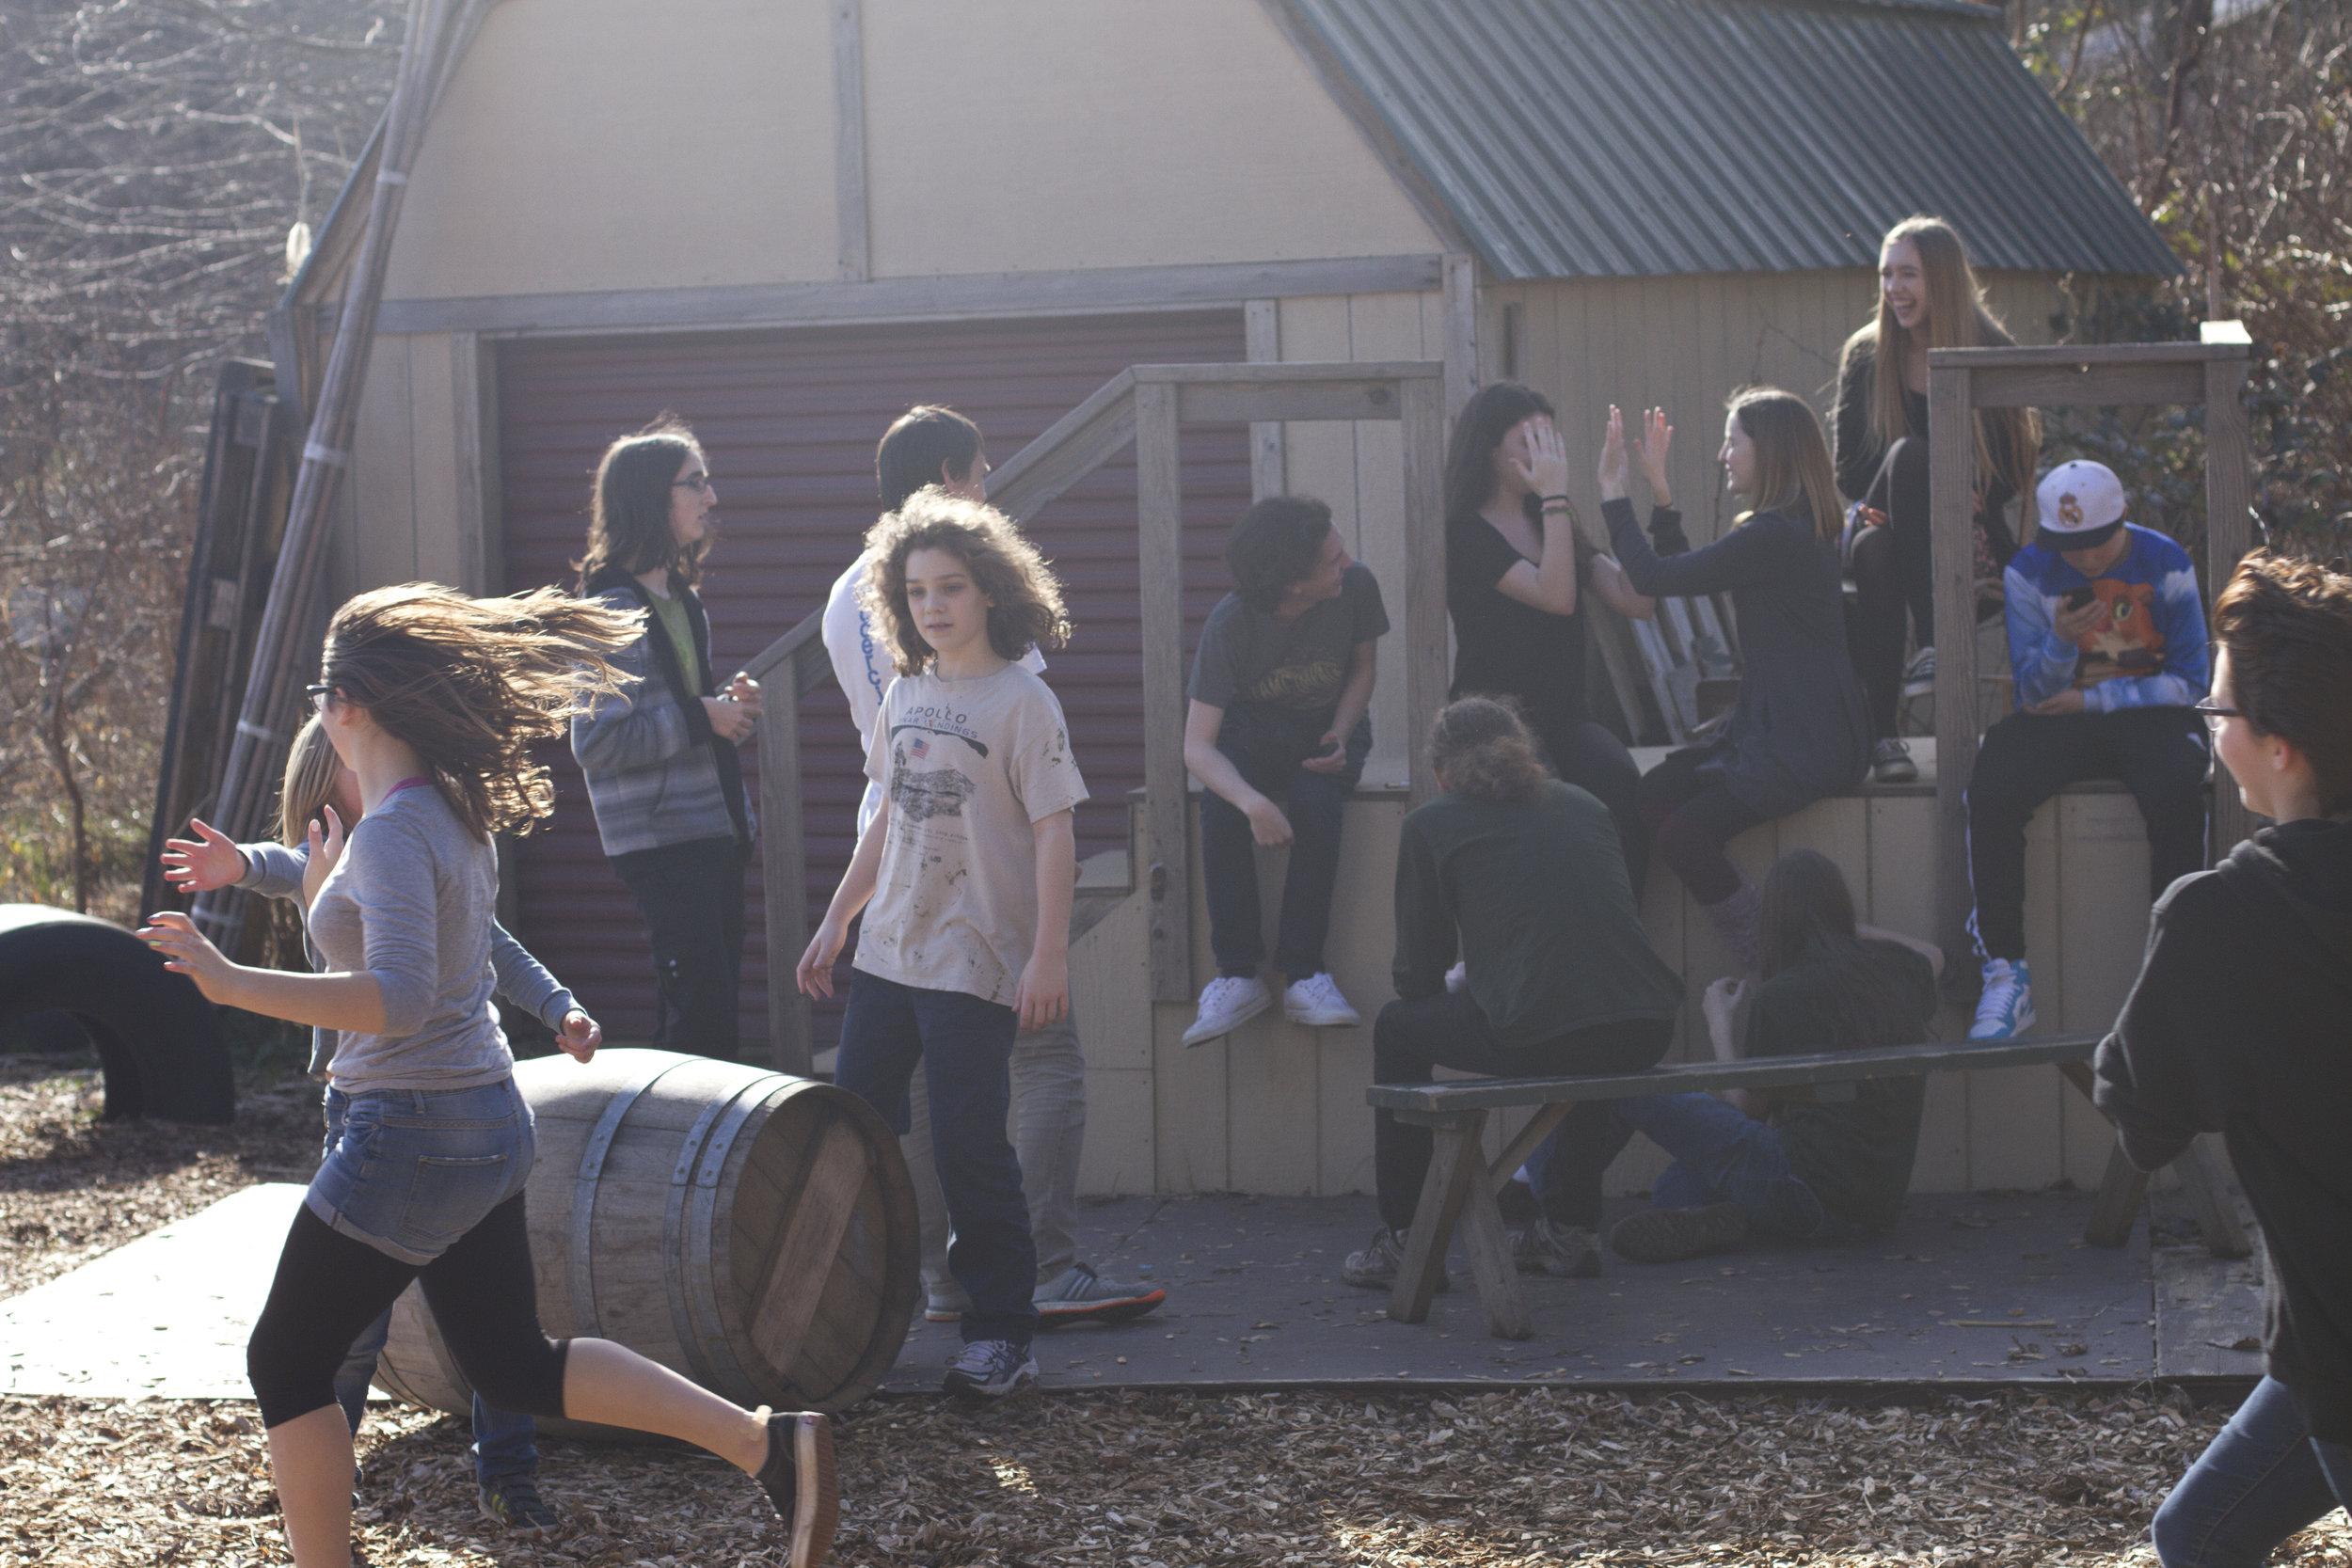 外面有一大群学生, 挤在两个正在玩拍手游戏的学生周围.